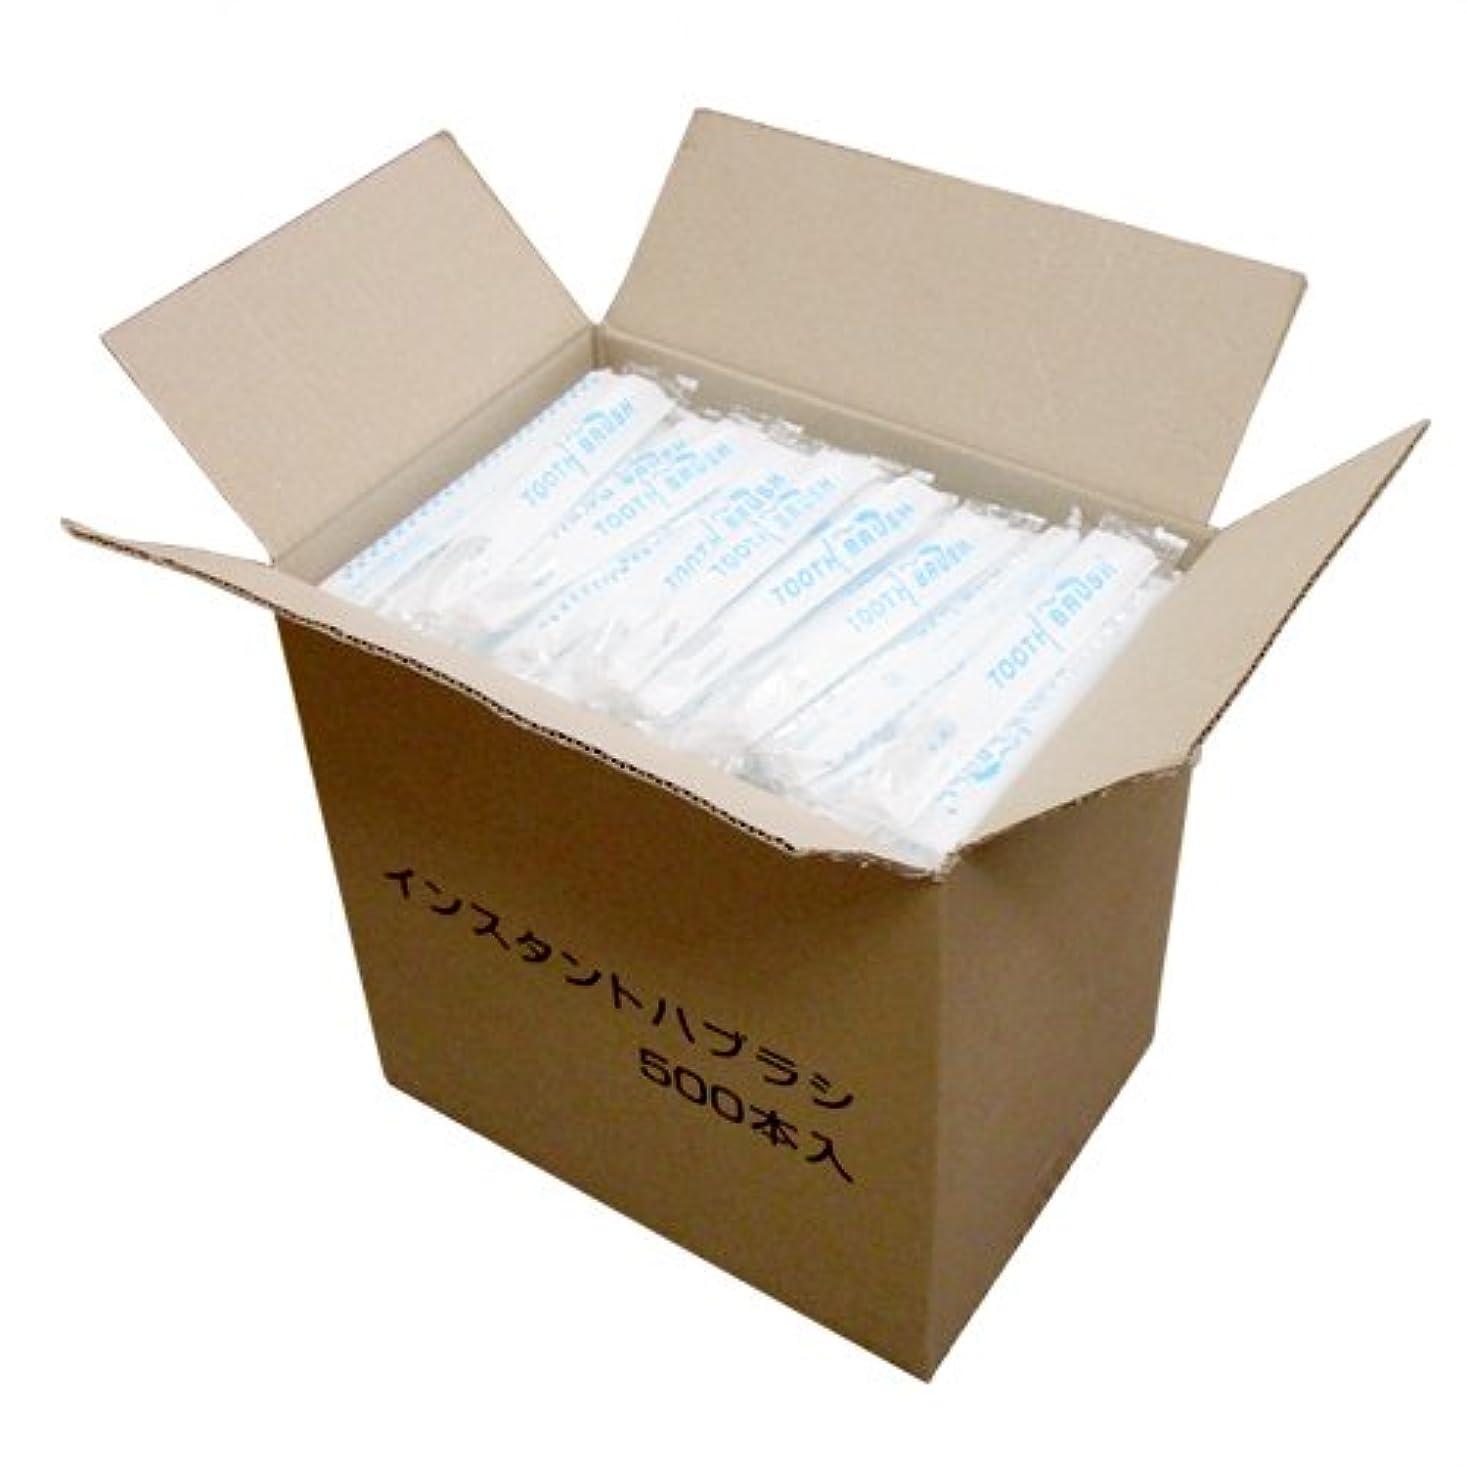 超越する背景彼女業務用 日本製 使い捨て粉付き歯ブラシ 個包装タイプ 500本入×1箱│ホテルアメニティ